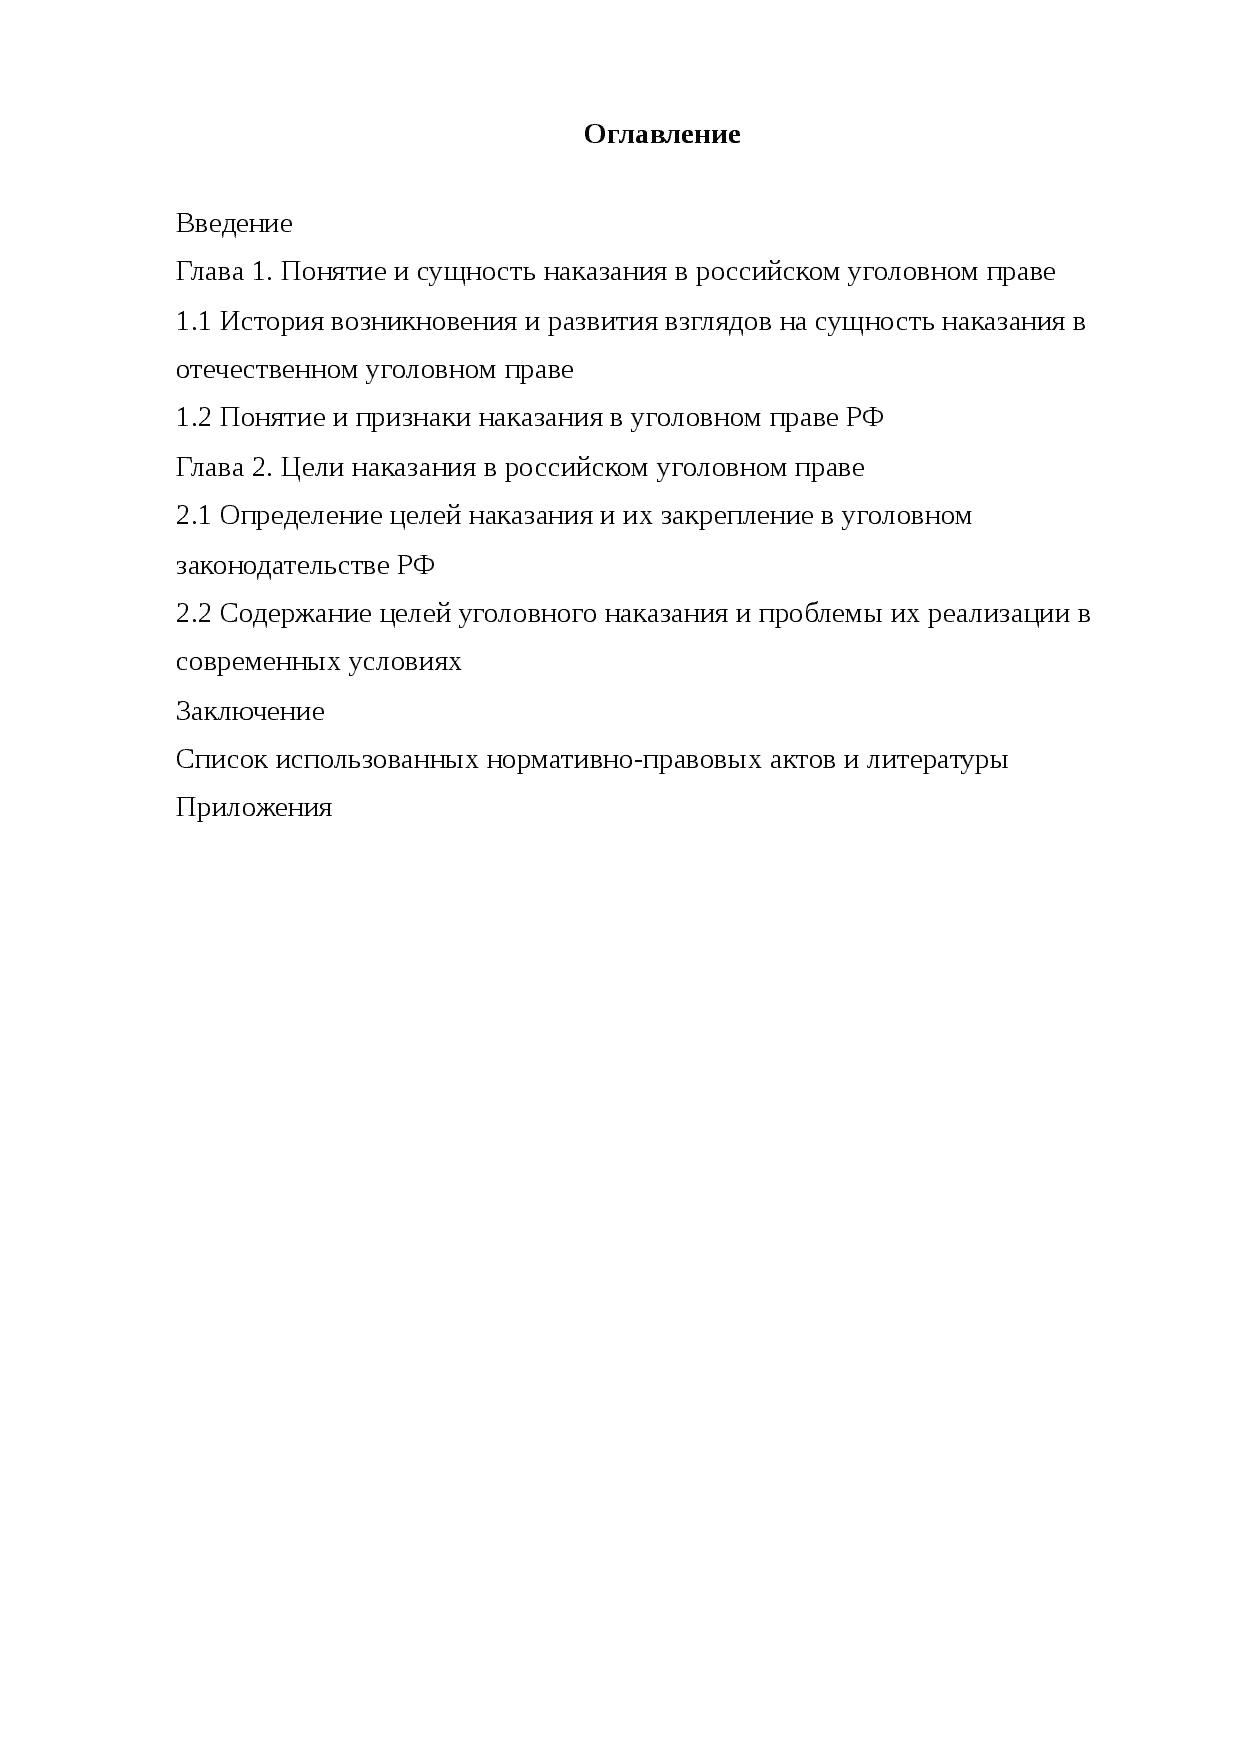 Тема 14. понятие, система, цели и виды наказаний